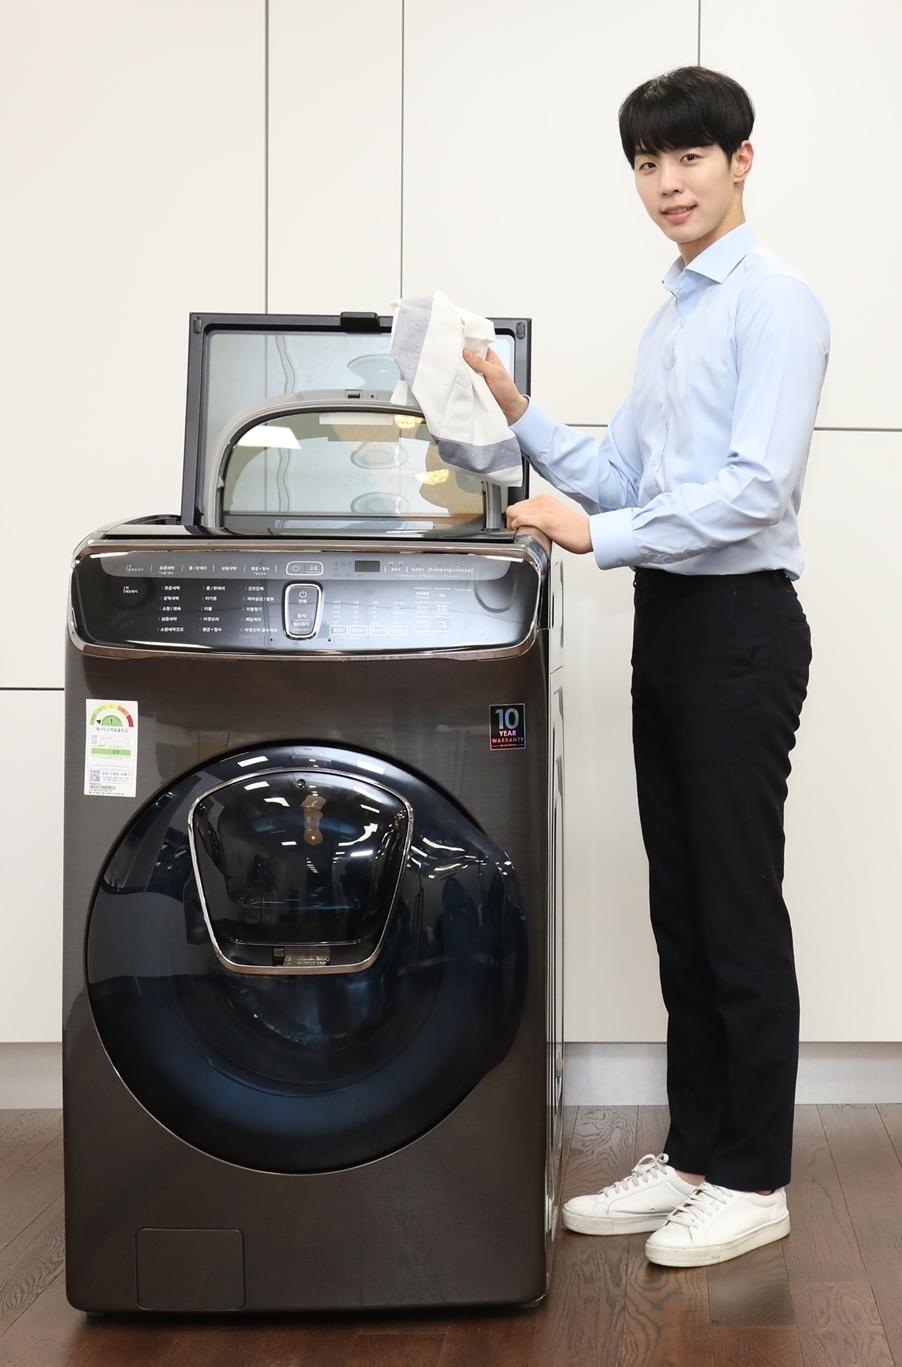 삼성전자 모델과 새로 출시된 플랙스워시 세탁기